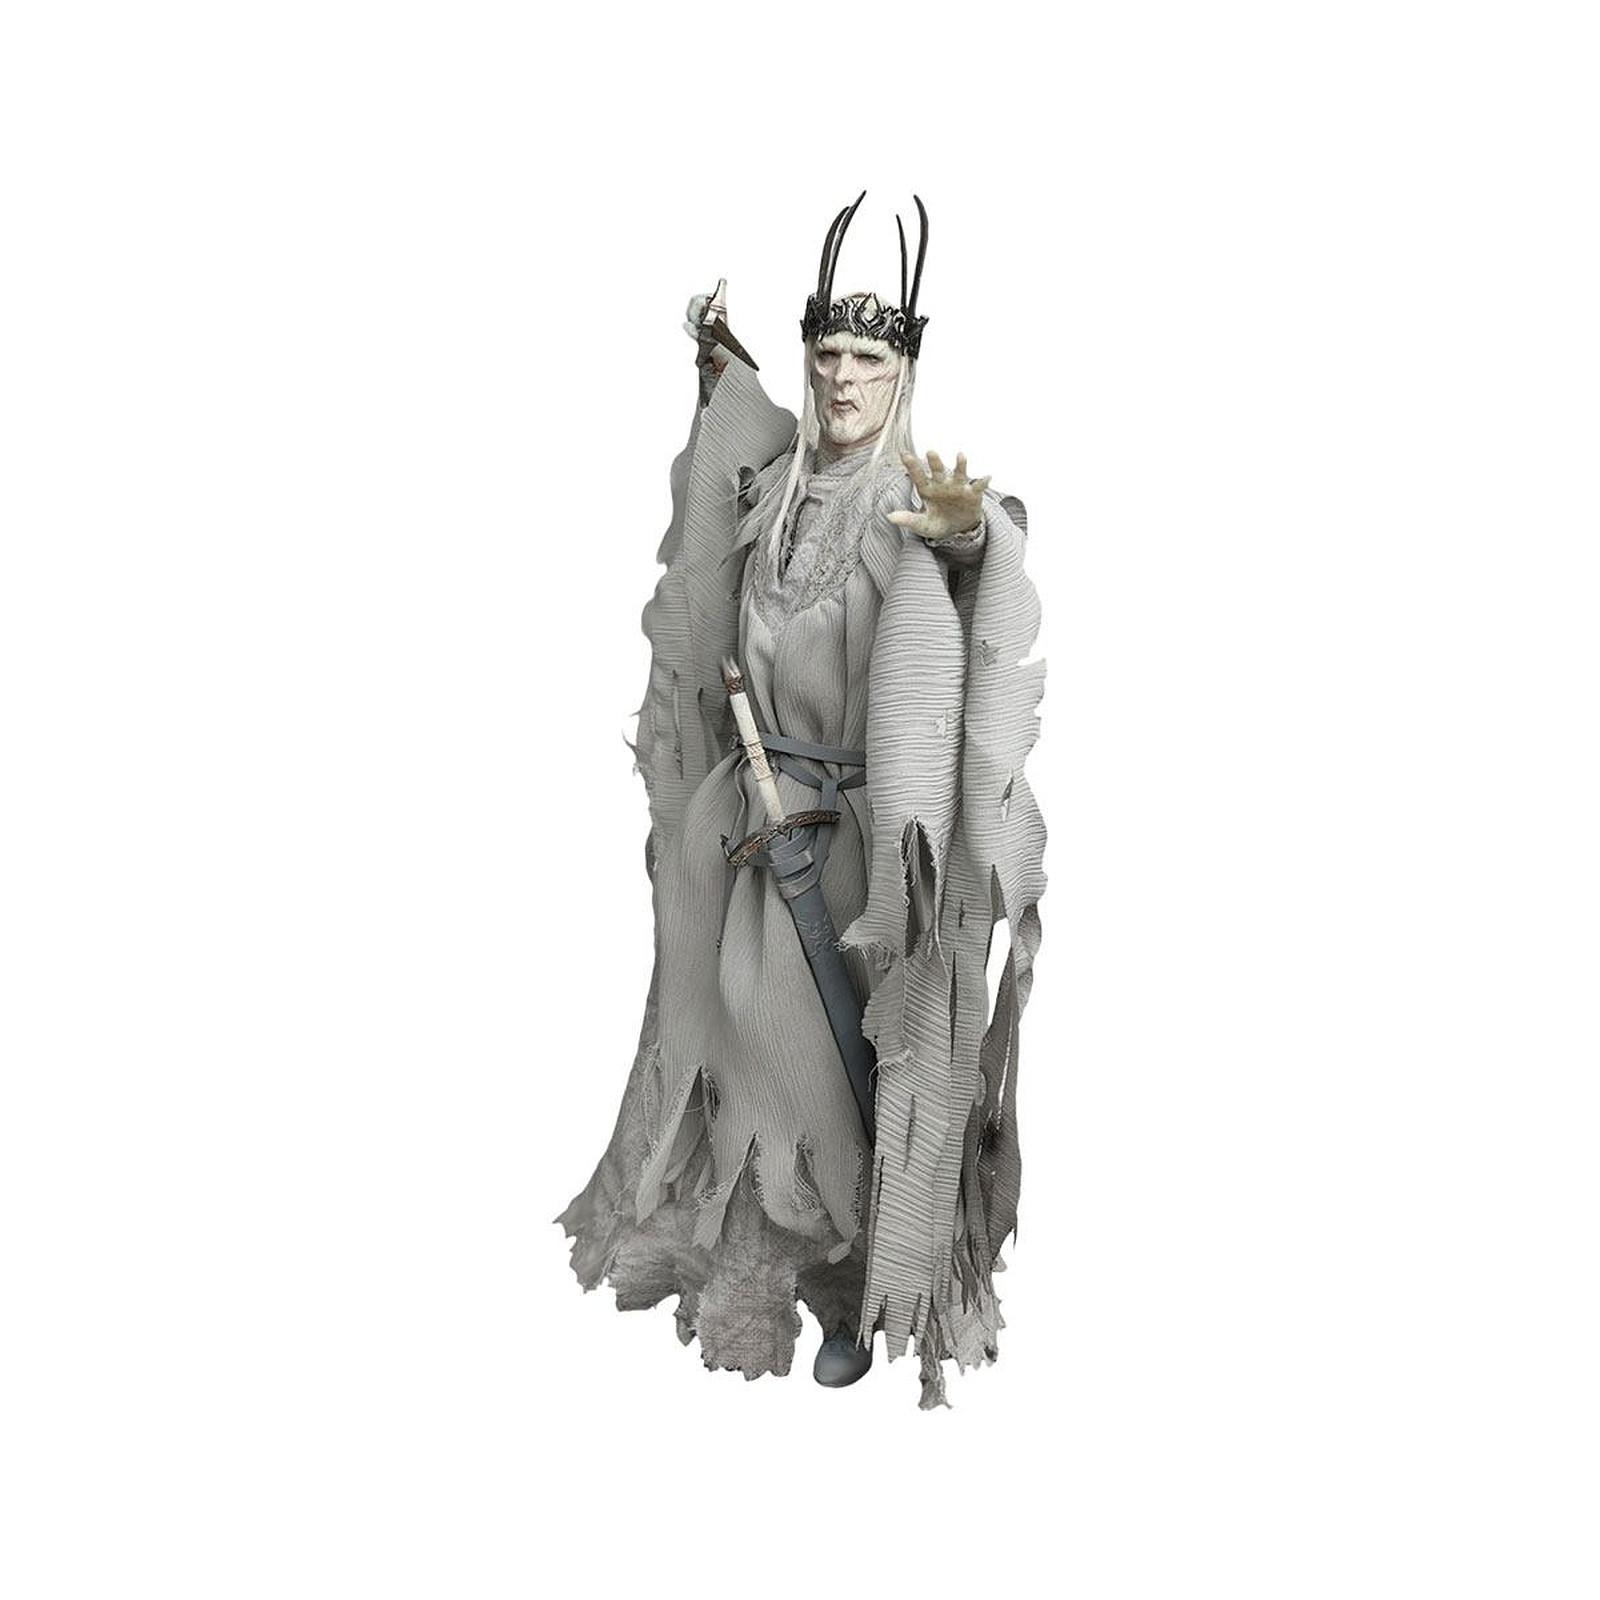 Le Seigneur des Anneaux - Figurine 1/6 Twilight Witch-King 30 cm